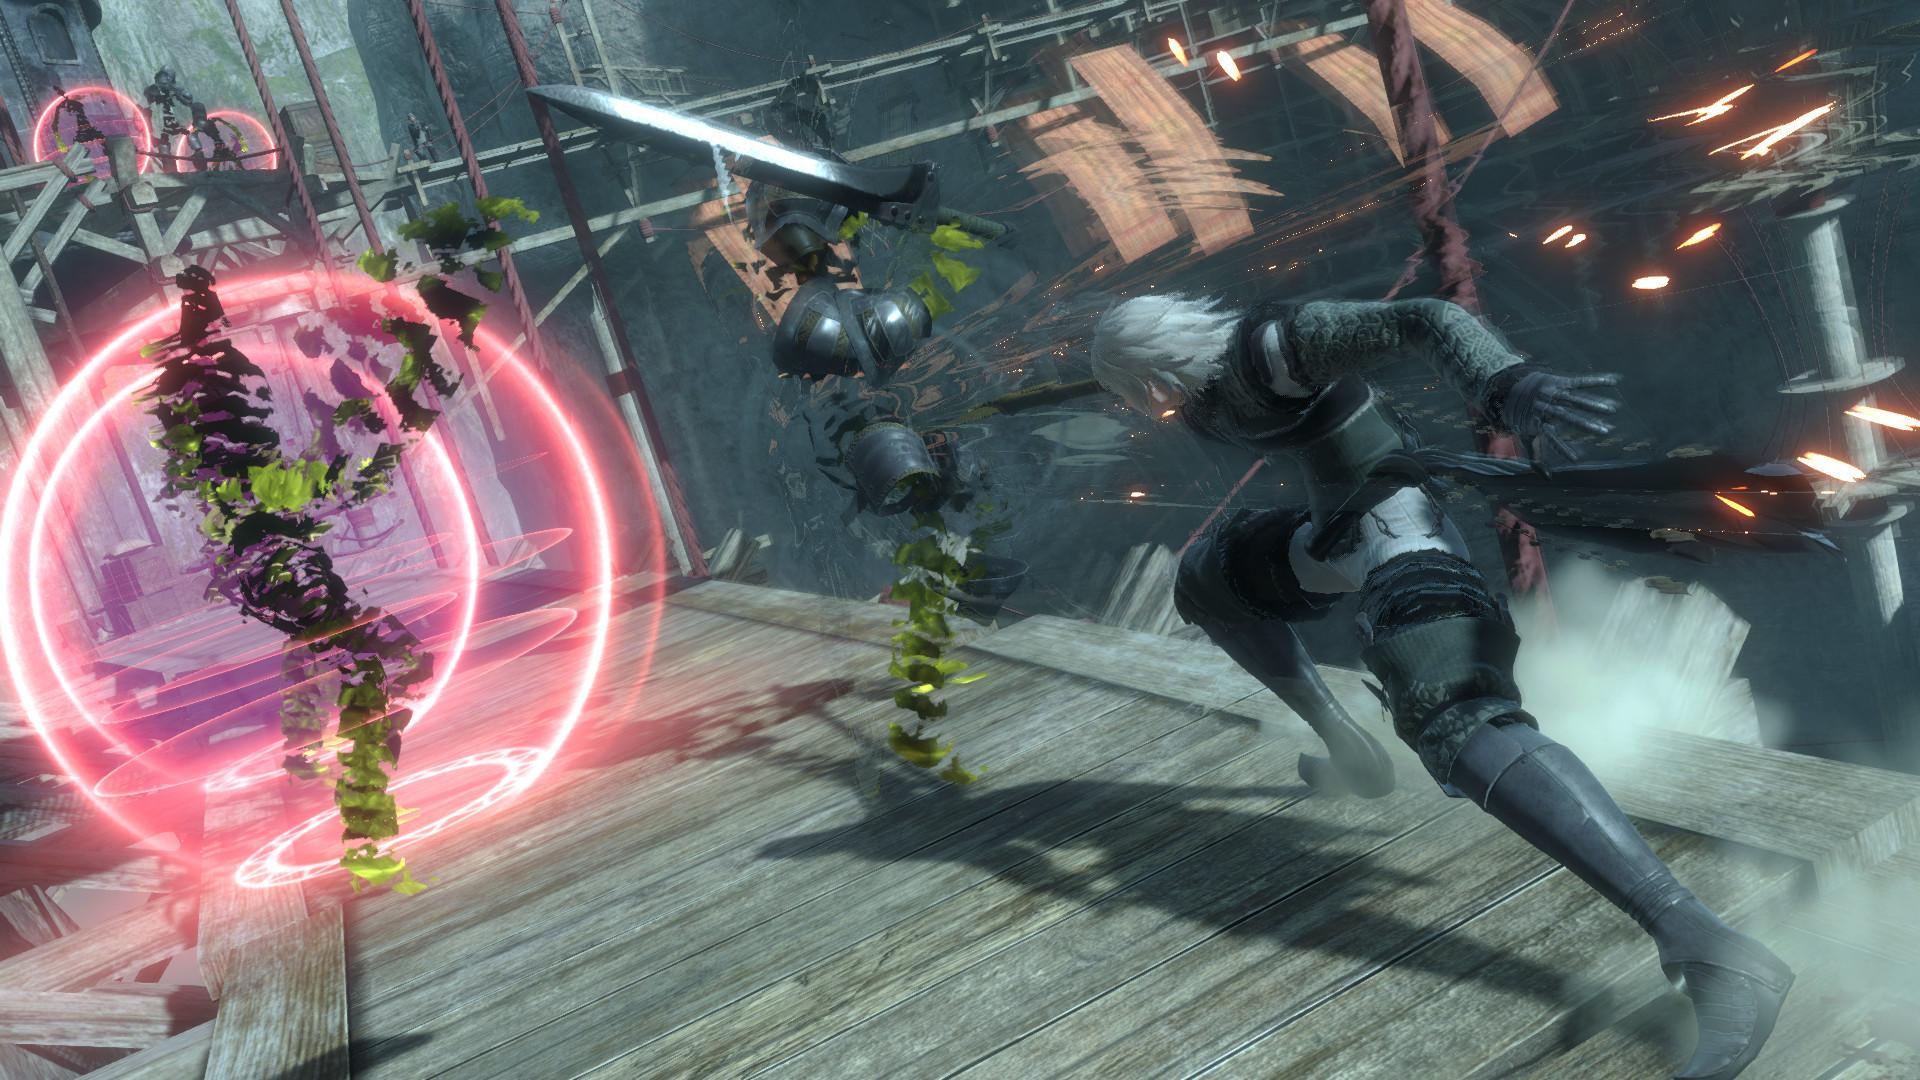 Una imagen promocional para Nier Replicant ver.1.22474487139 ... que presenta una escena de acción dinámica en la que el personaje principal se enfrenta a una serie de fallos informáticos como enemigos con una espada.